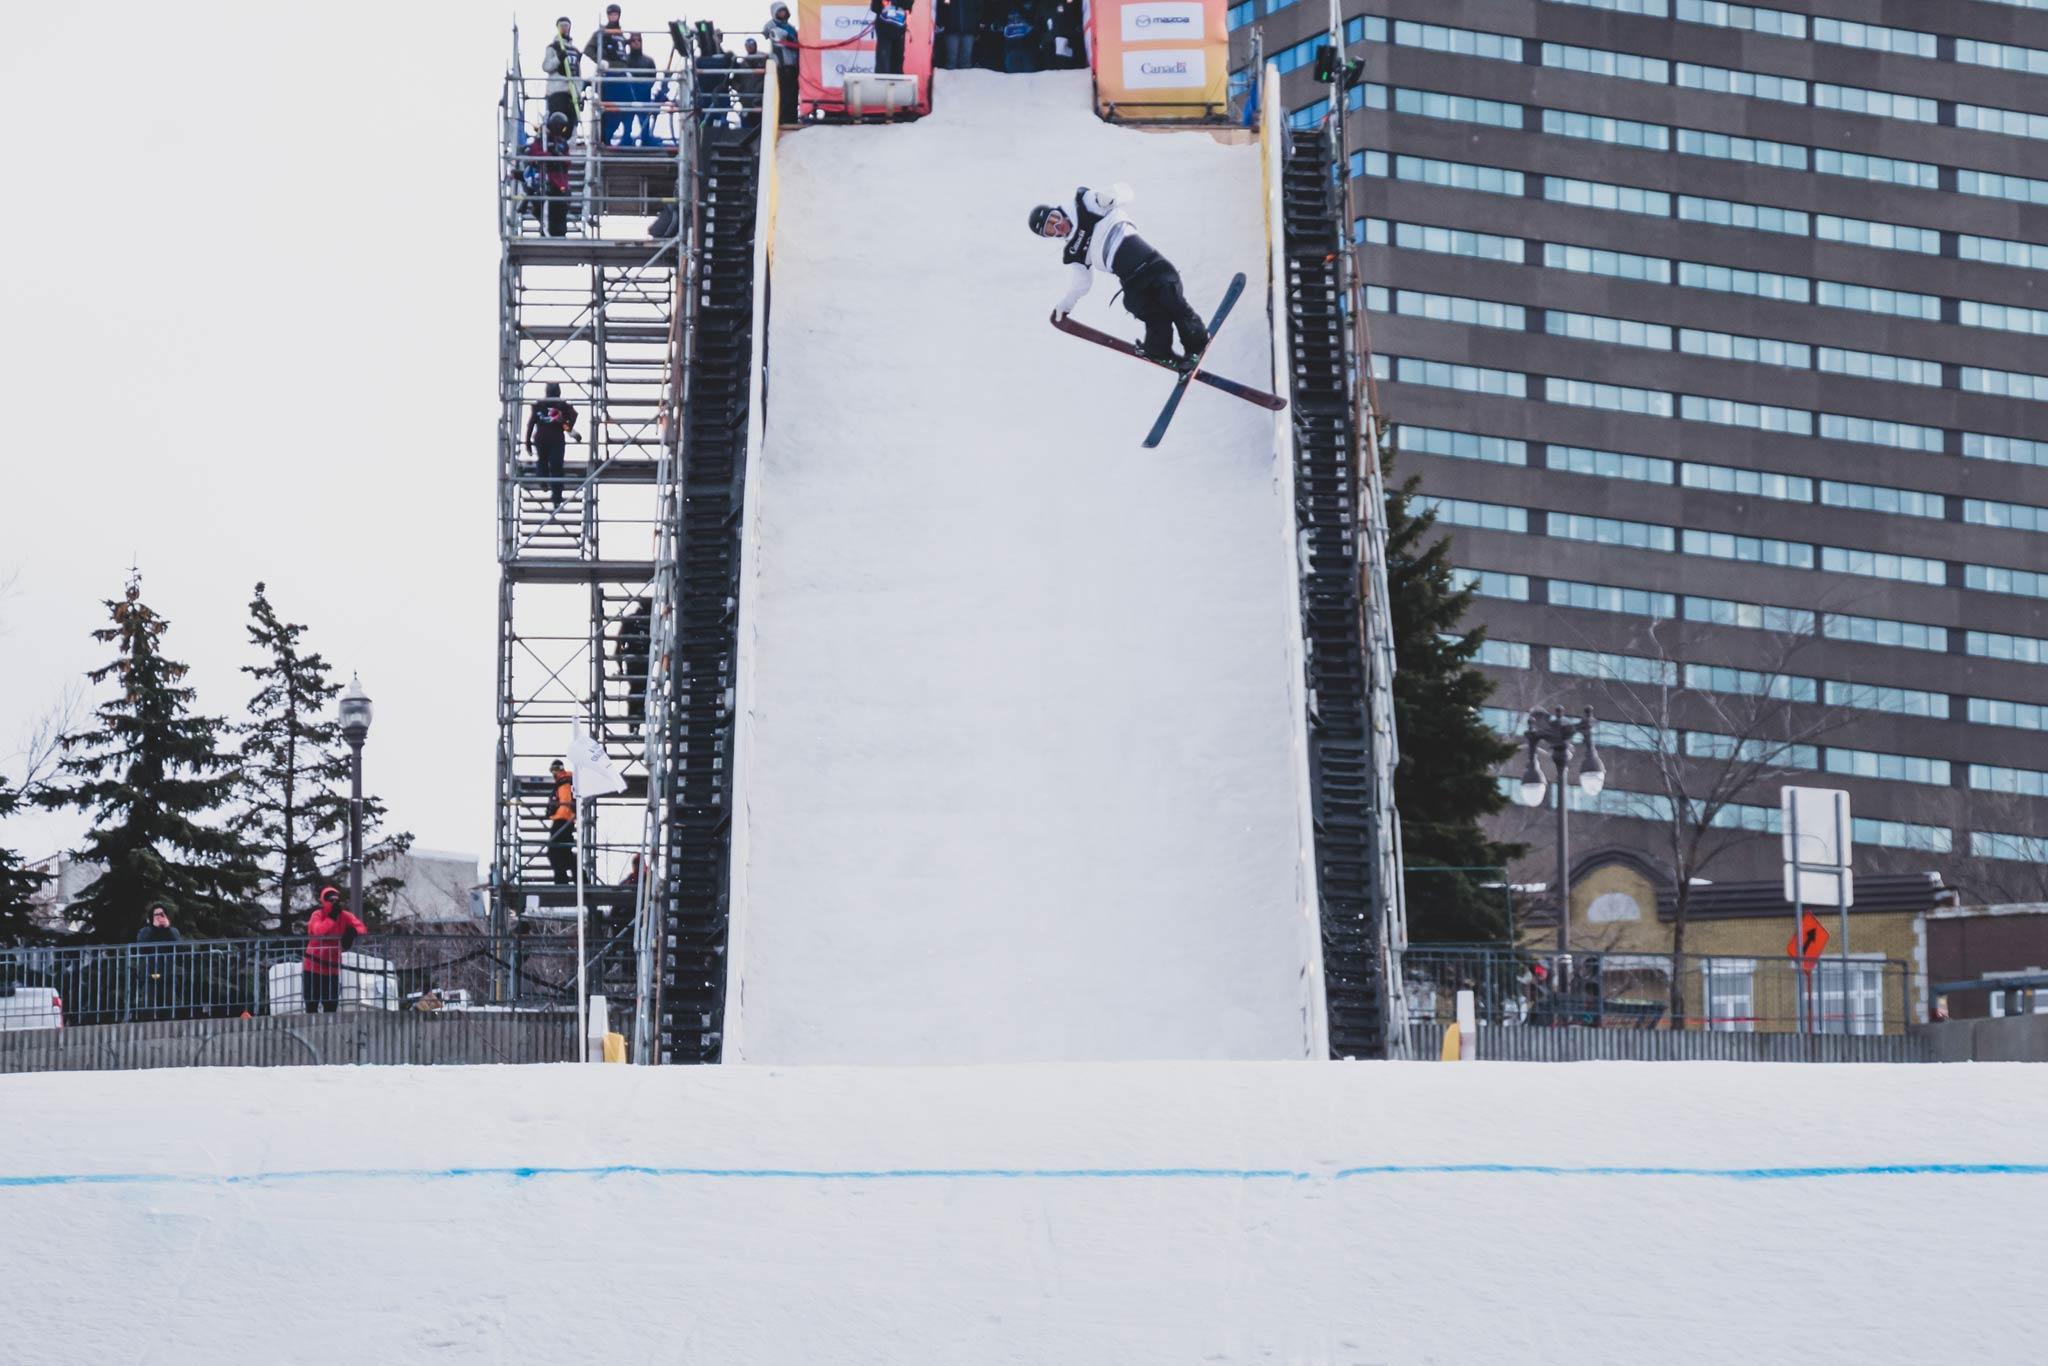 Sicherte sich seinen ersten Weltcup Sieg: Lukas Müllauer aus Österreich - Foto: FIS Freestyle